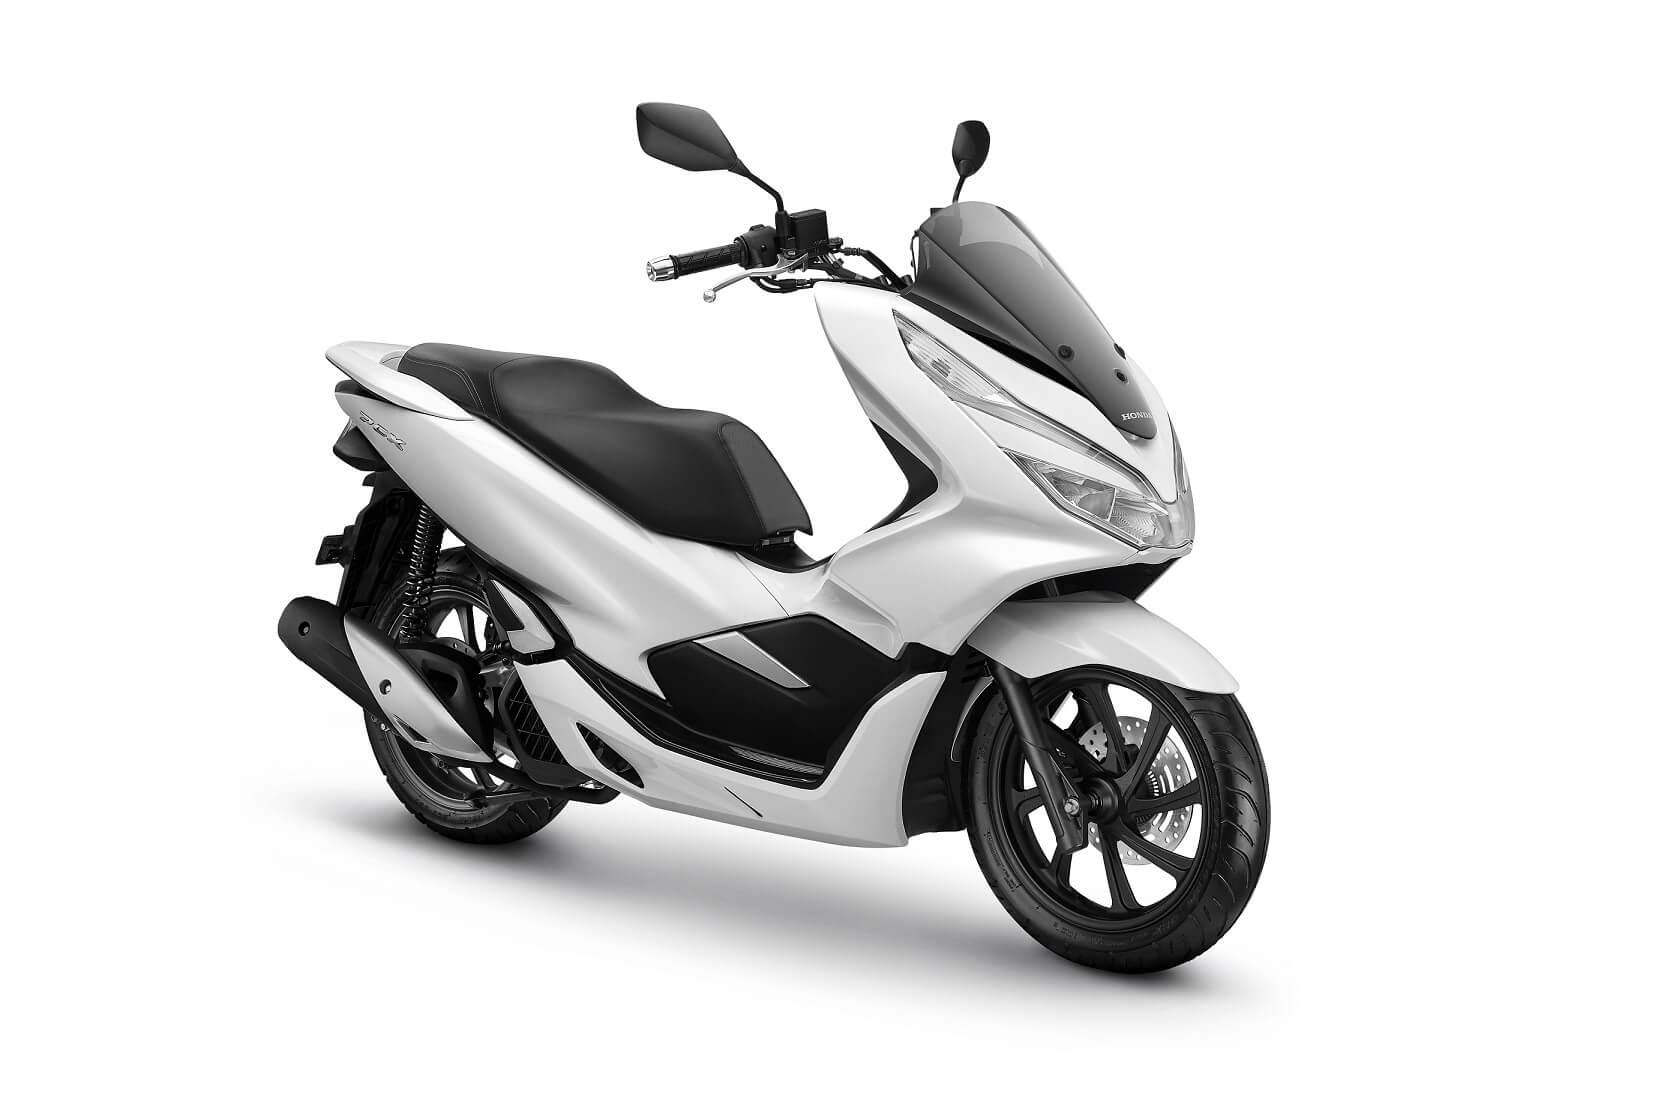 4 Warna Honda Pcx 2019 Terbaru Cbs Dan Abs Matte Silver Bagus